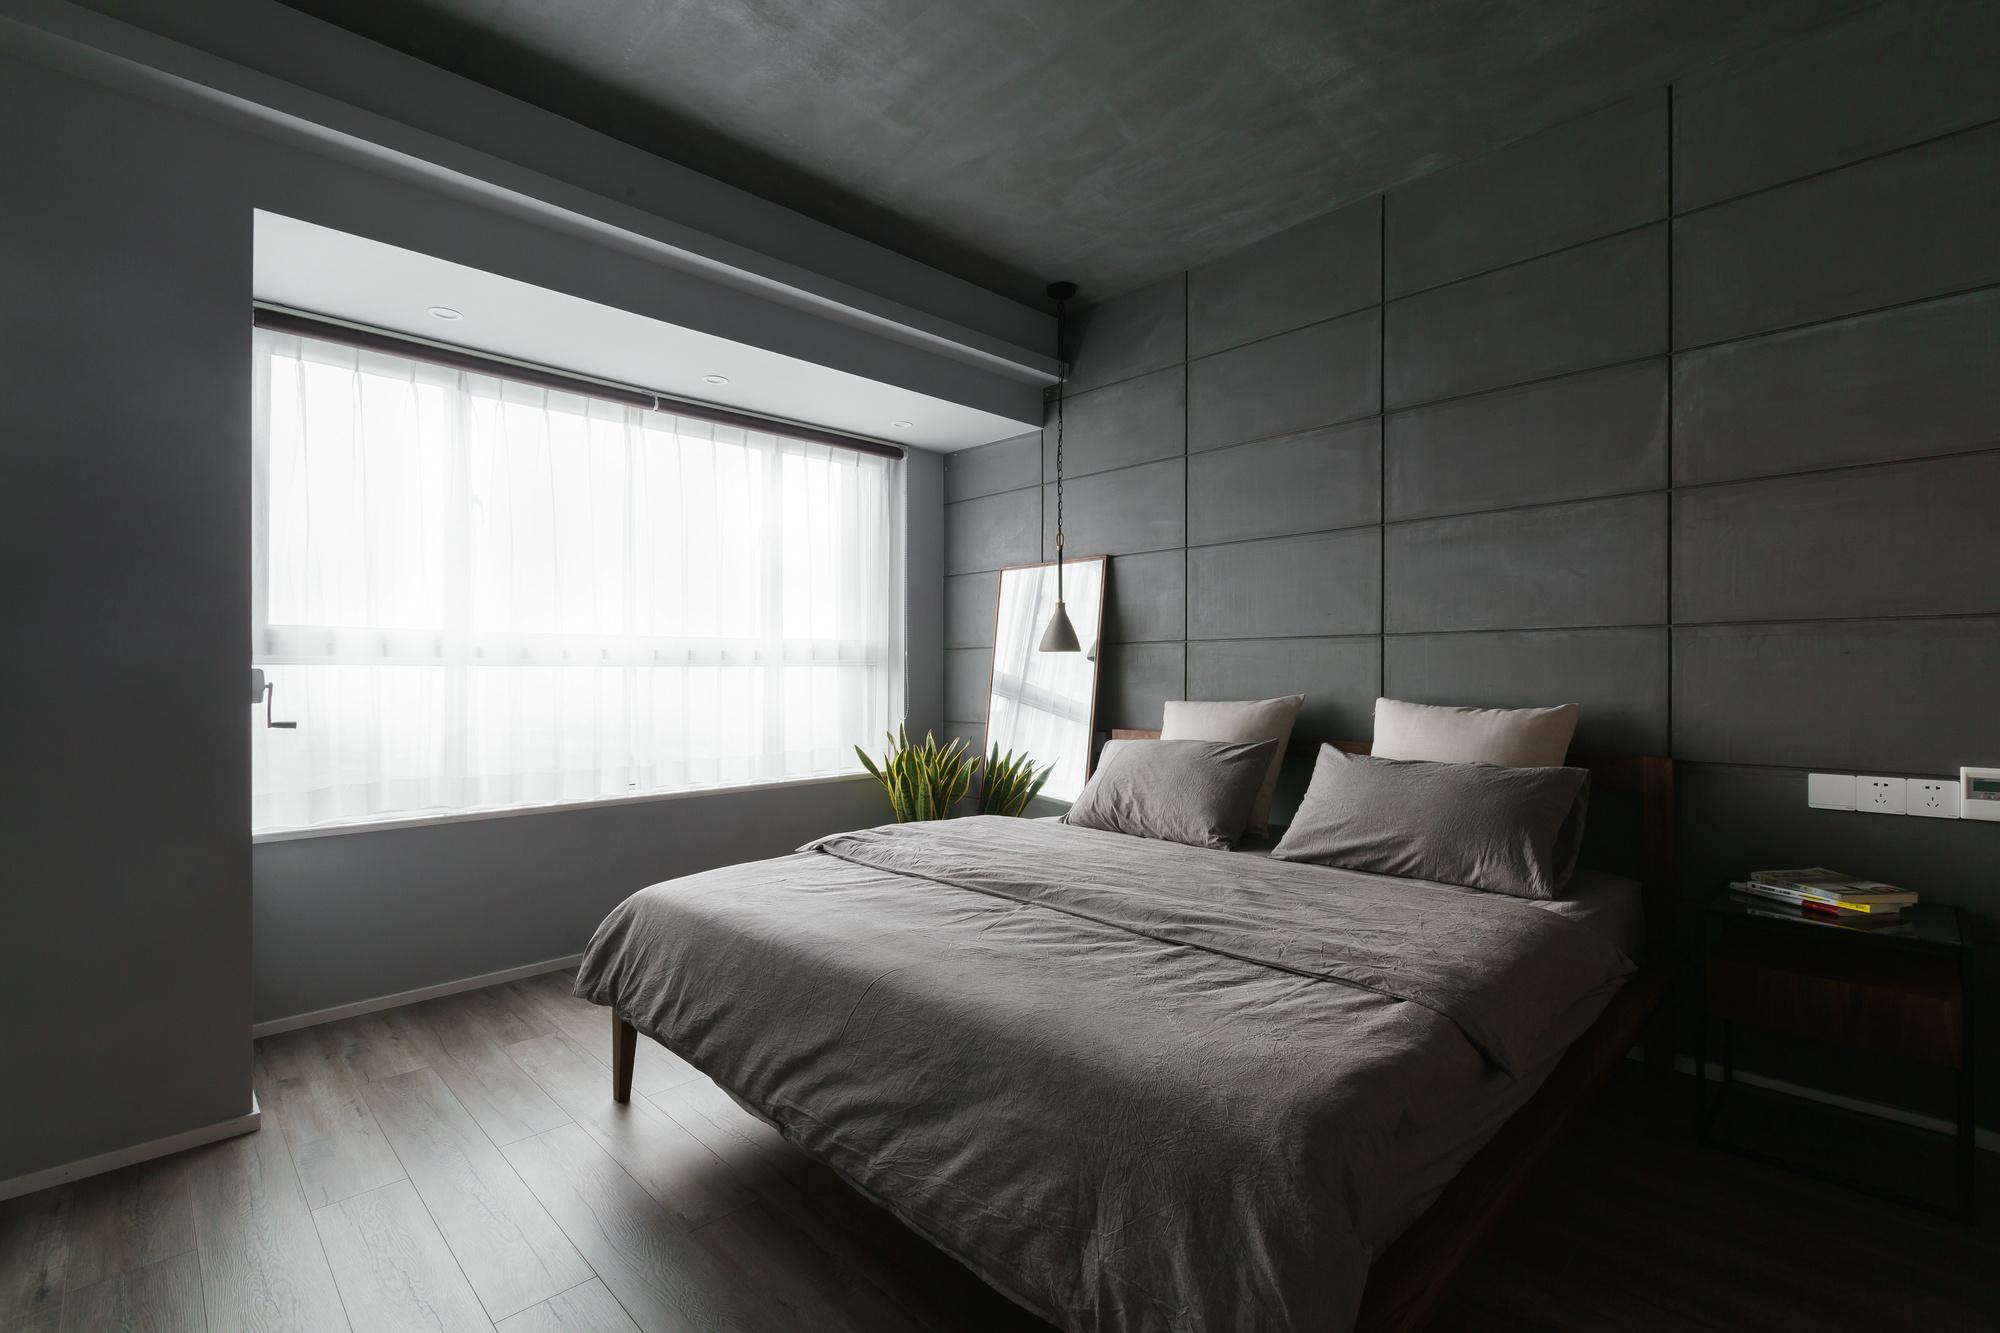 简约舒适的格调充满了整个卧室,黑色的墙面搭配原木花纹,是一个能让人感觉到舒适自然的温暖空间